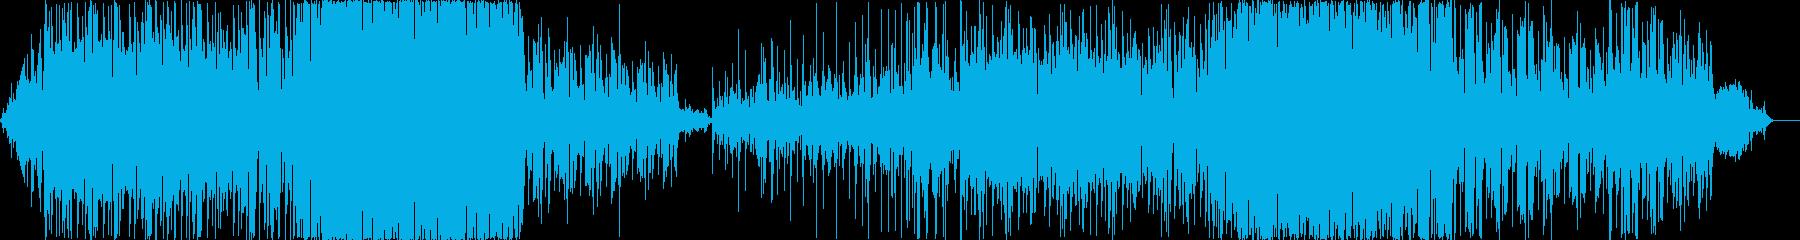 背景をポップします。 Efxとグルーブ。の再生済みの波形